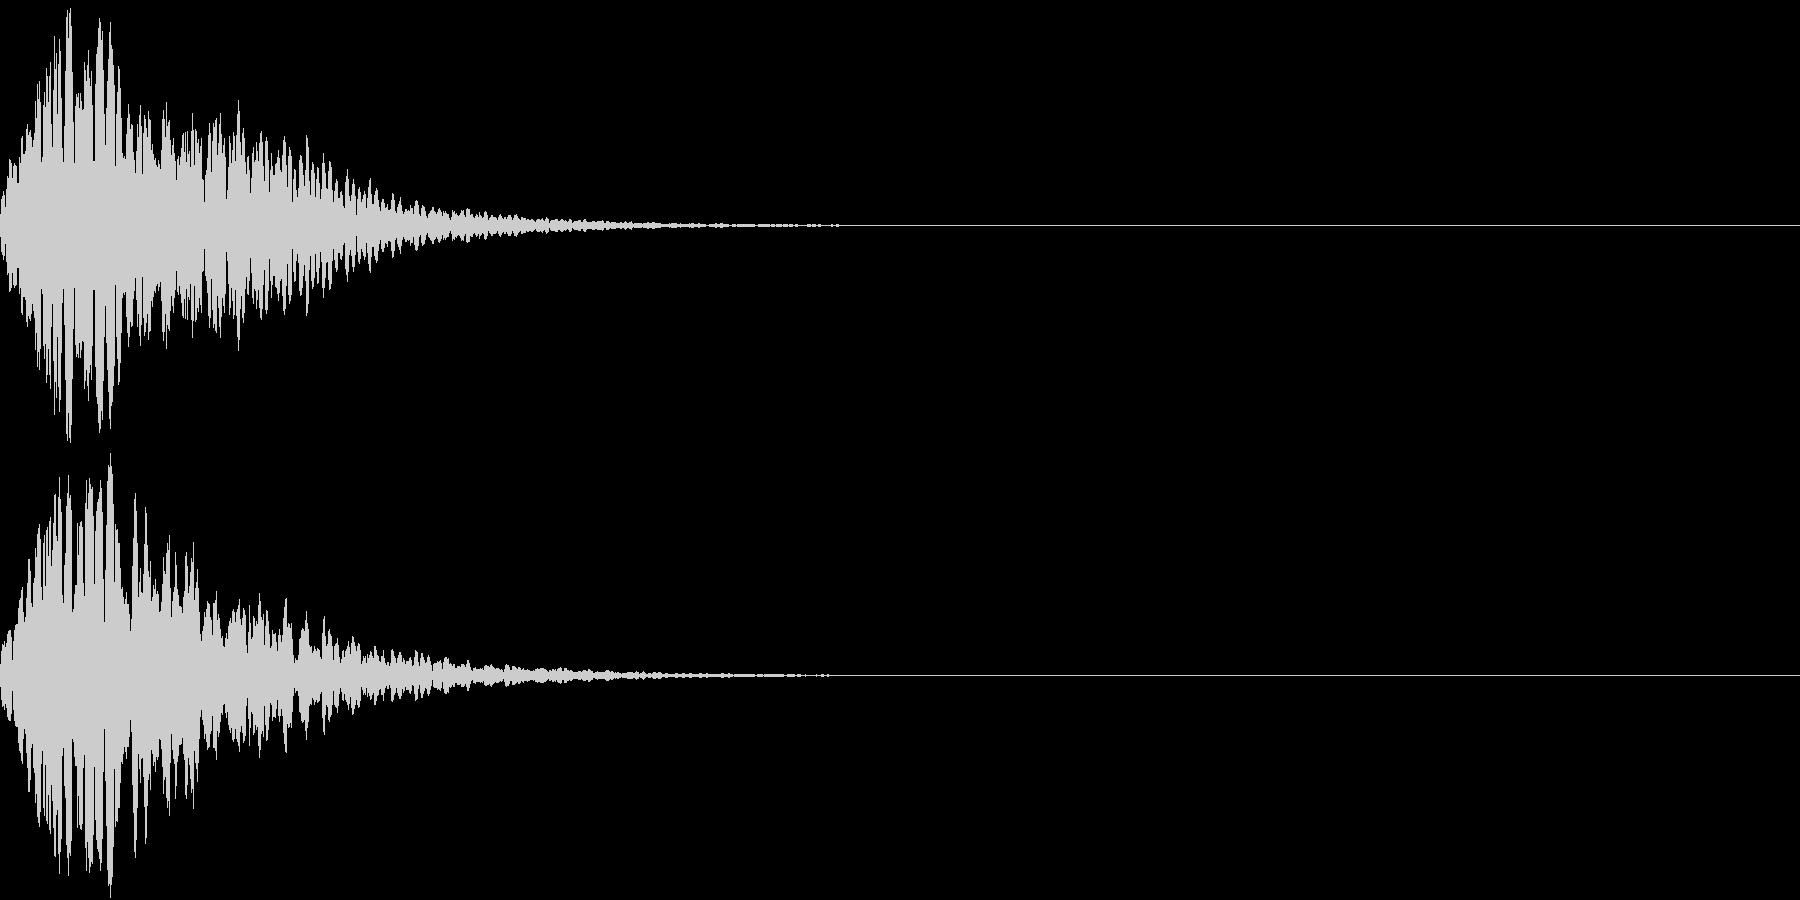 キュイン 光 ピカーン フラッシュ 12の未再生の波形